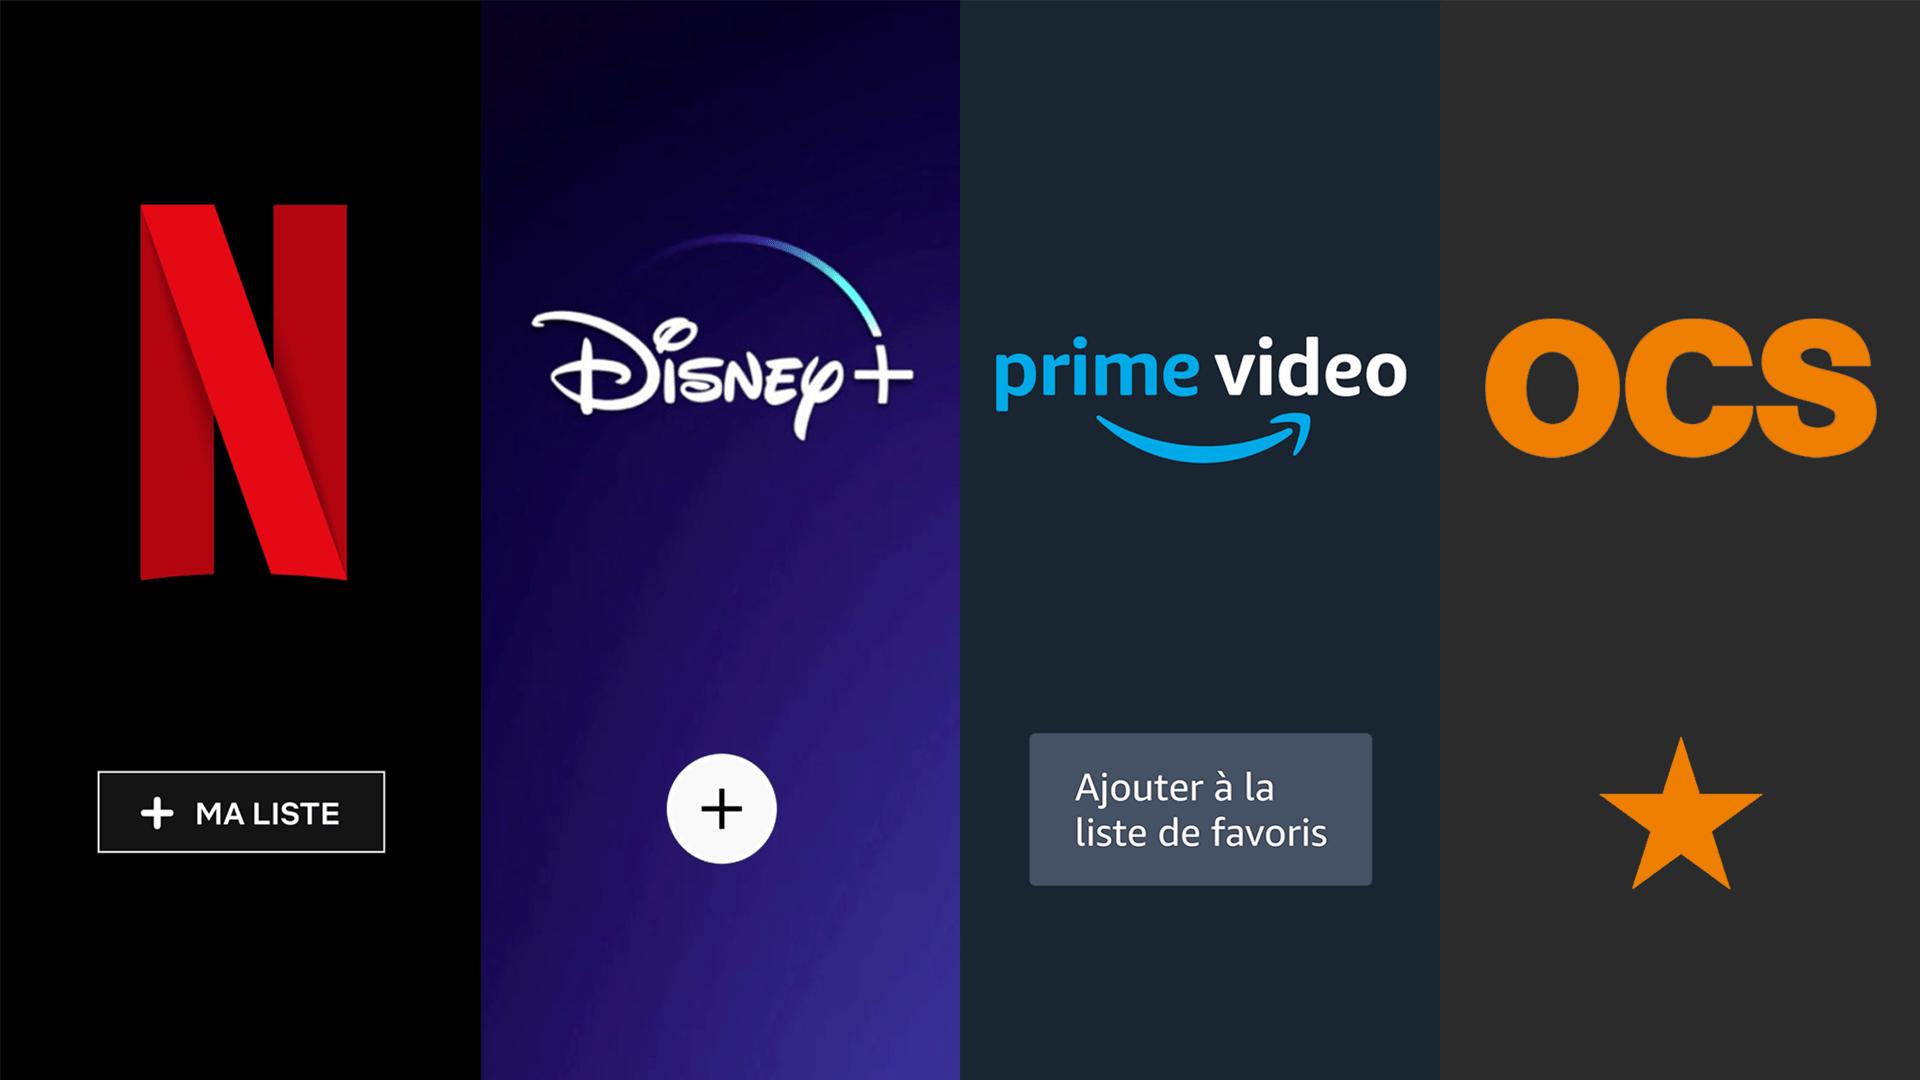 SVoD: comment gérer ses favoris sur Netflix, Disney+, Prime Video et OCS